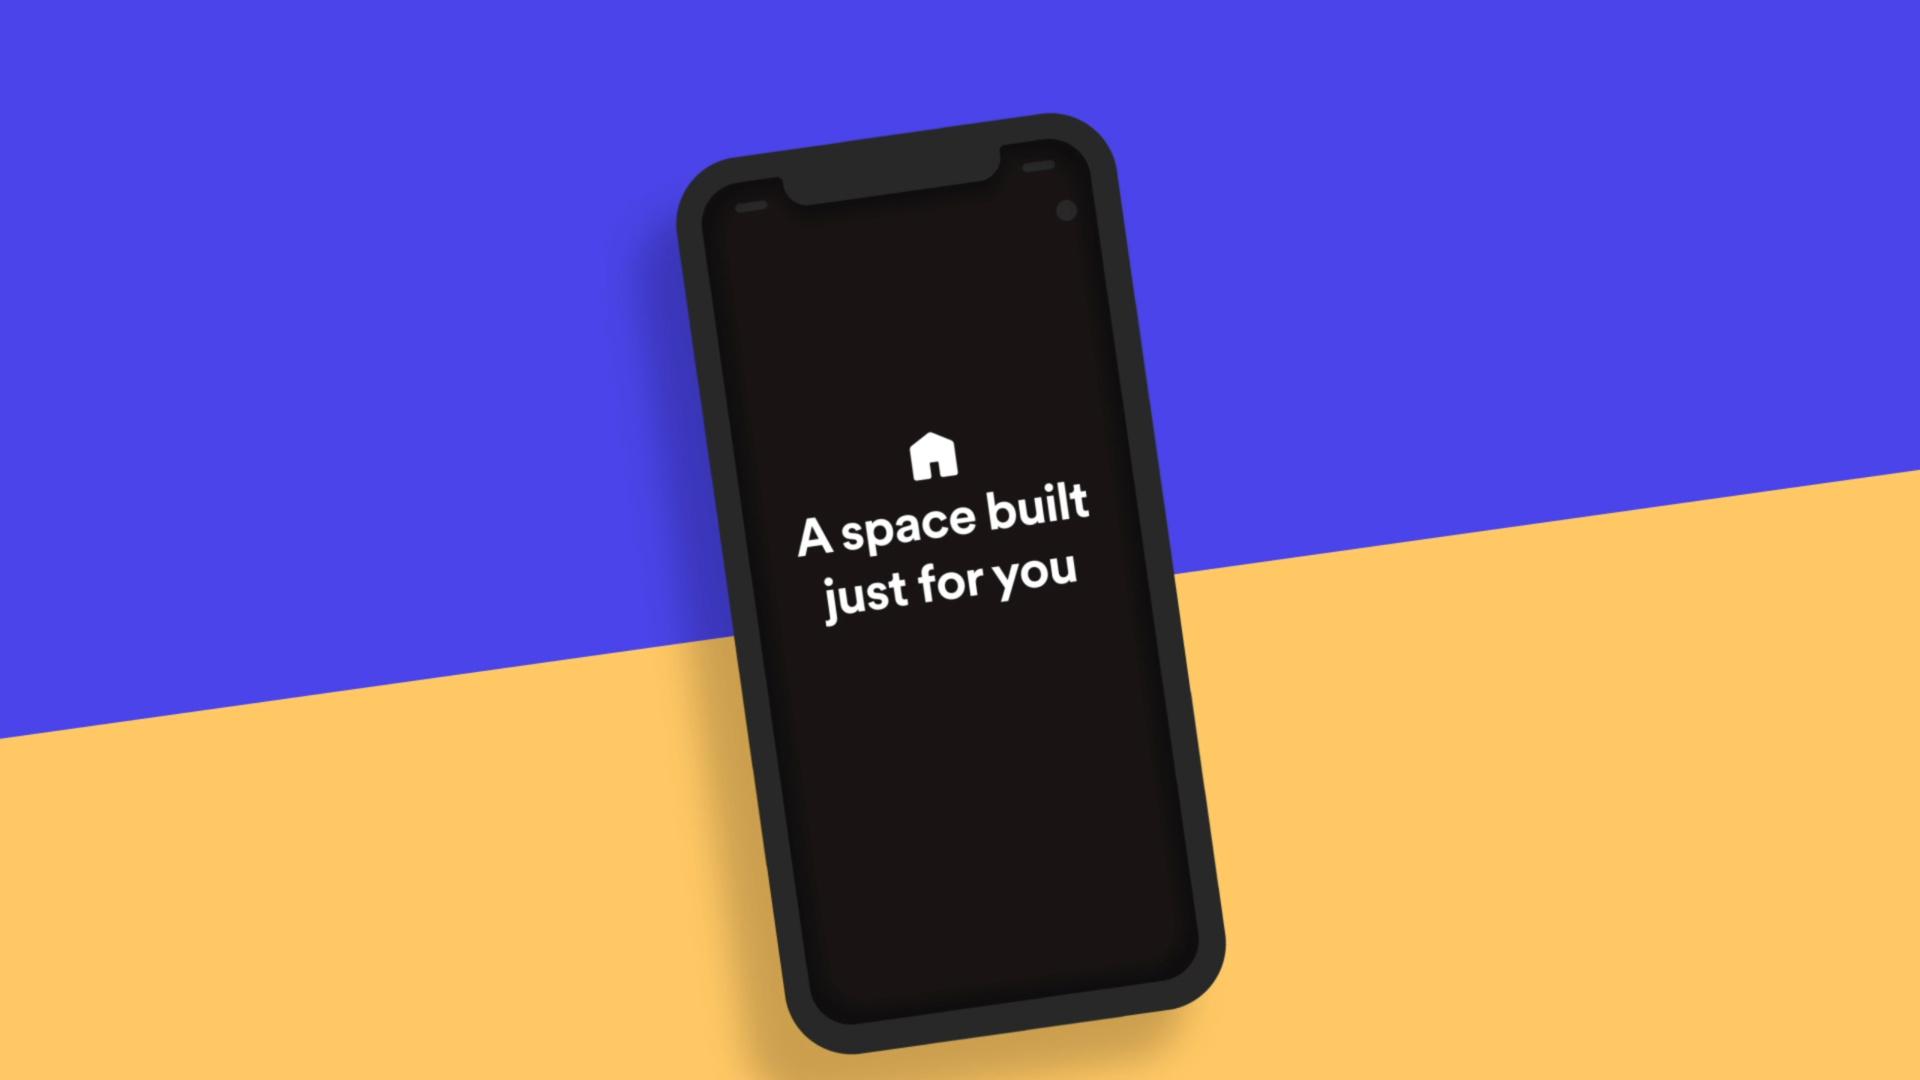 Spotify ergänzt das neue Design seiner App mit einem überarbeiteten Home Screen